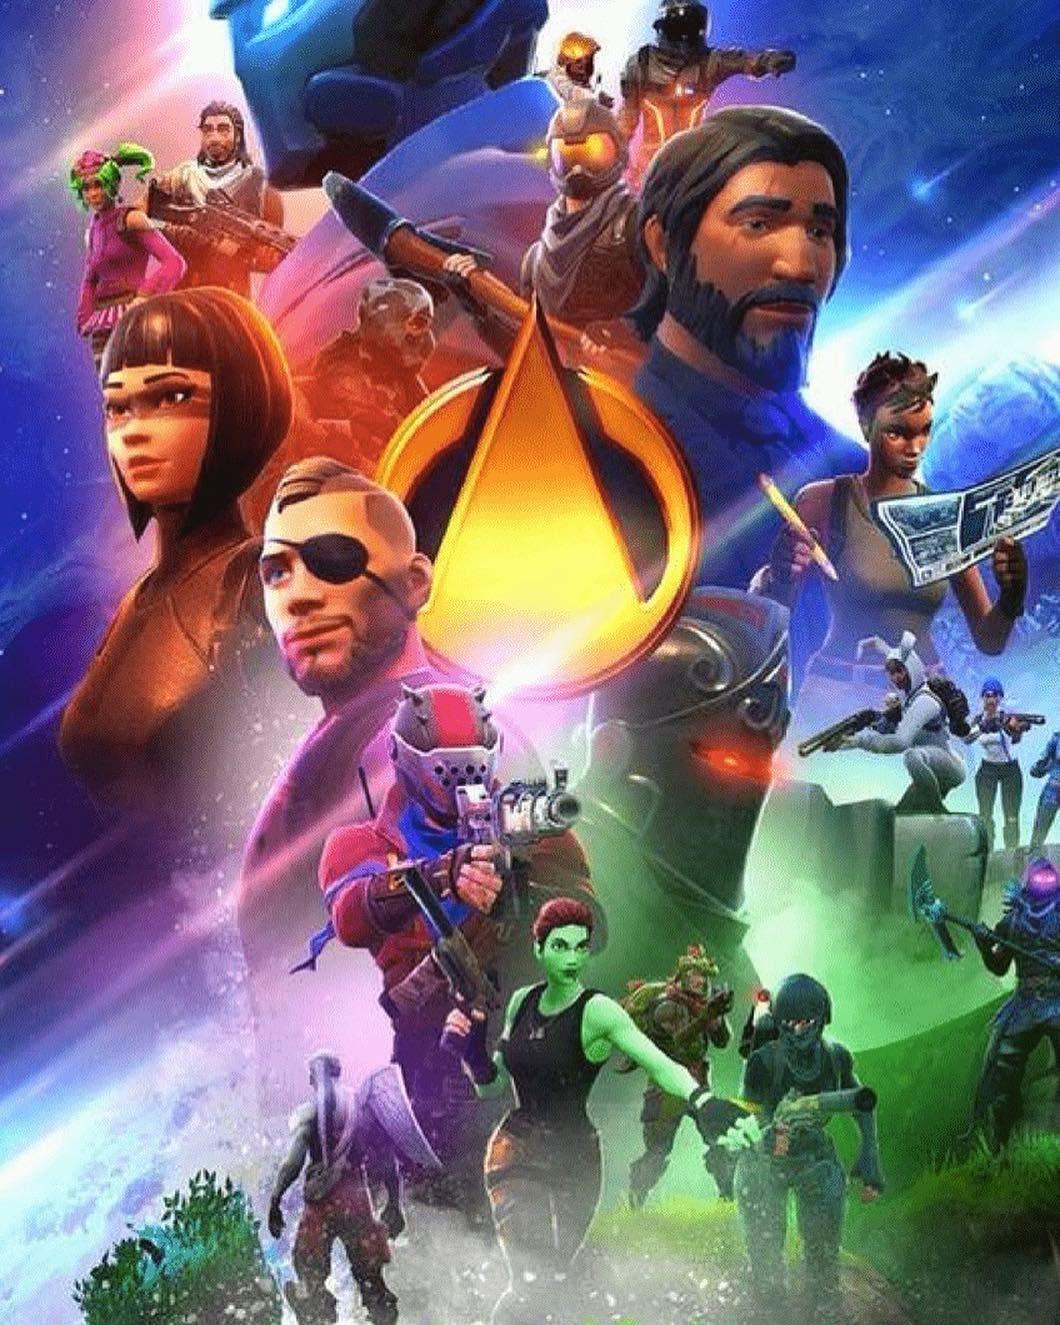 Fortnite Avengersinfinitywar Fortnite In 2019 Epic Games